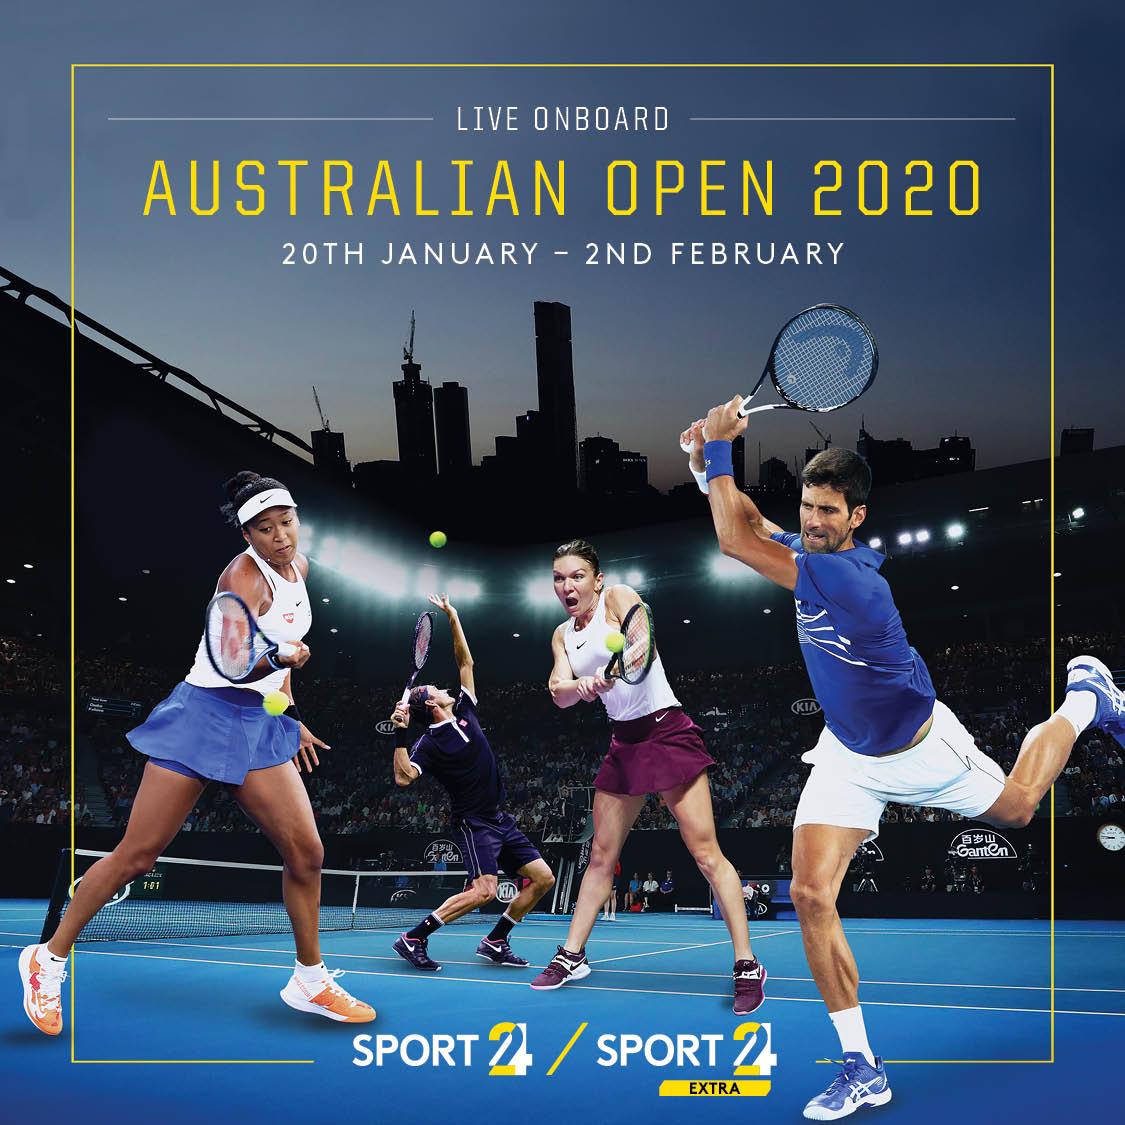 Australian Open Social